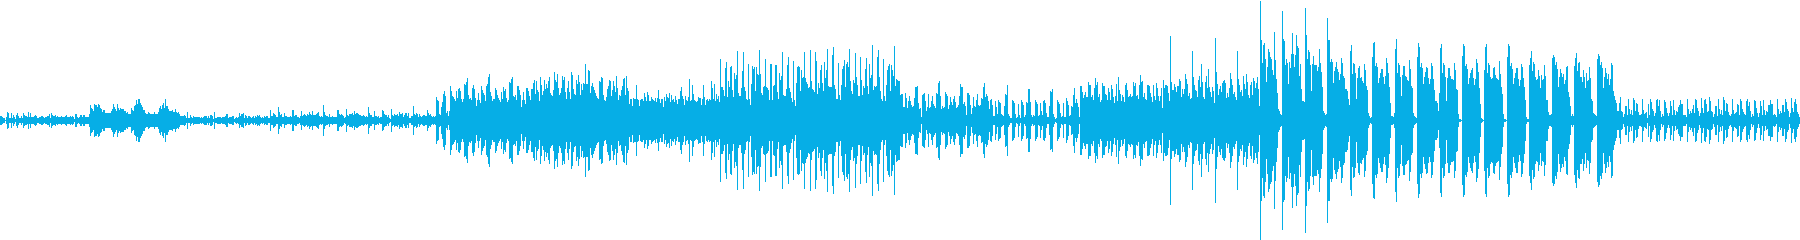 ロボット的で風変わりな一種の催眠エ...の再生済みの波形